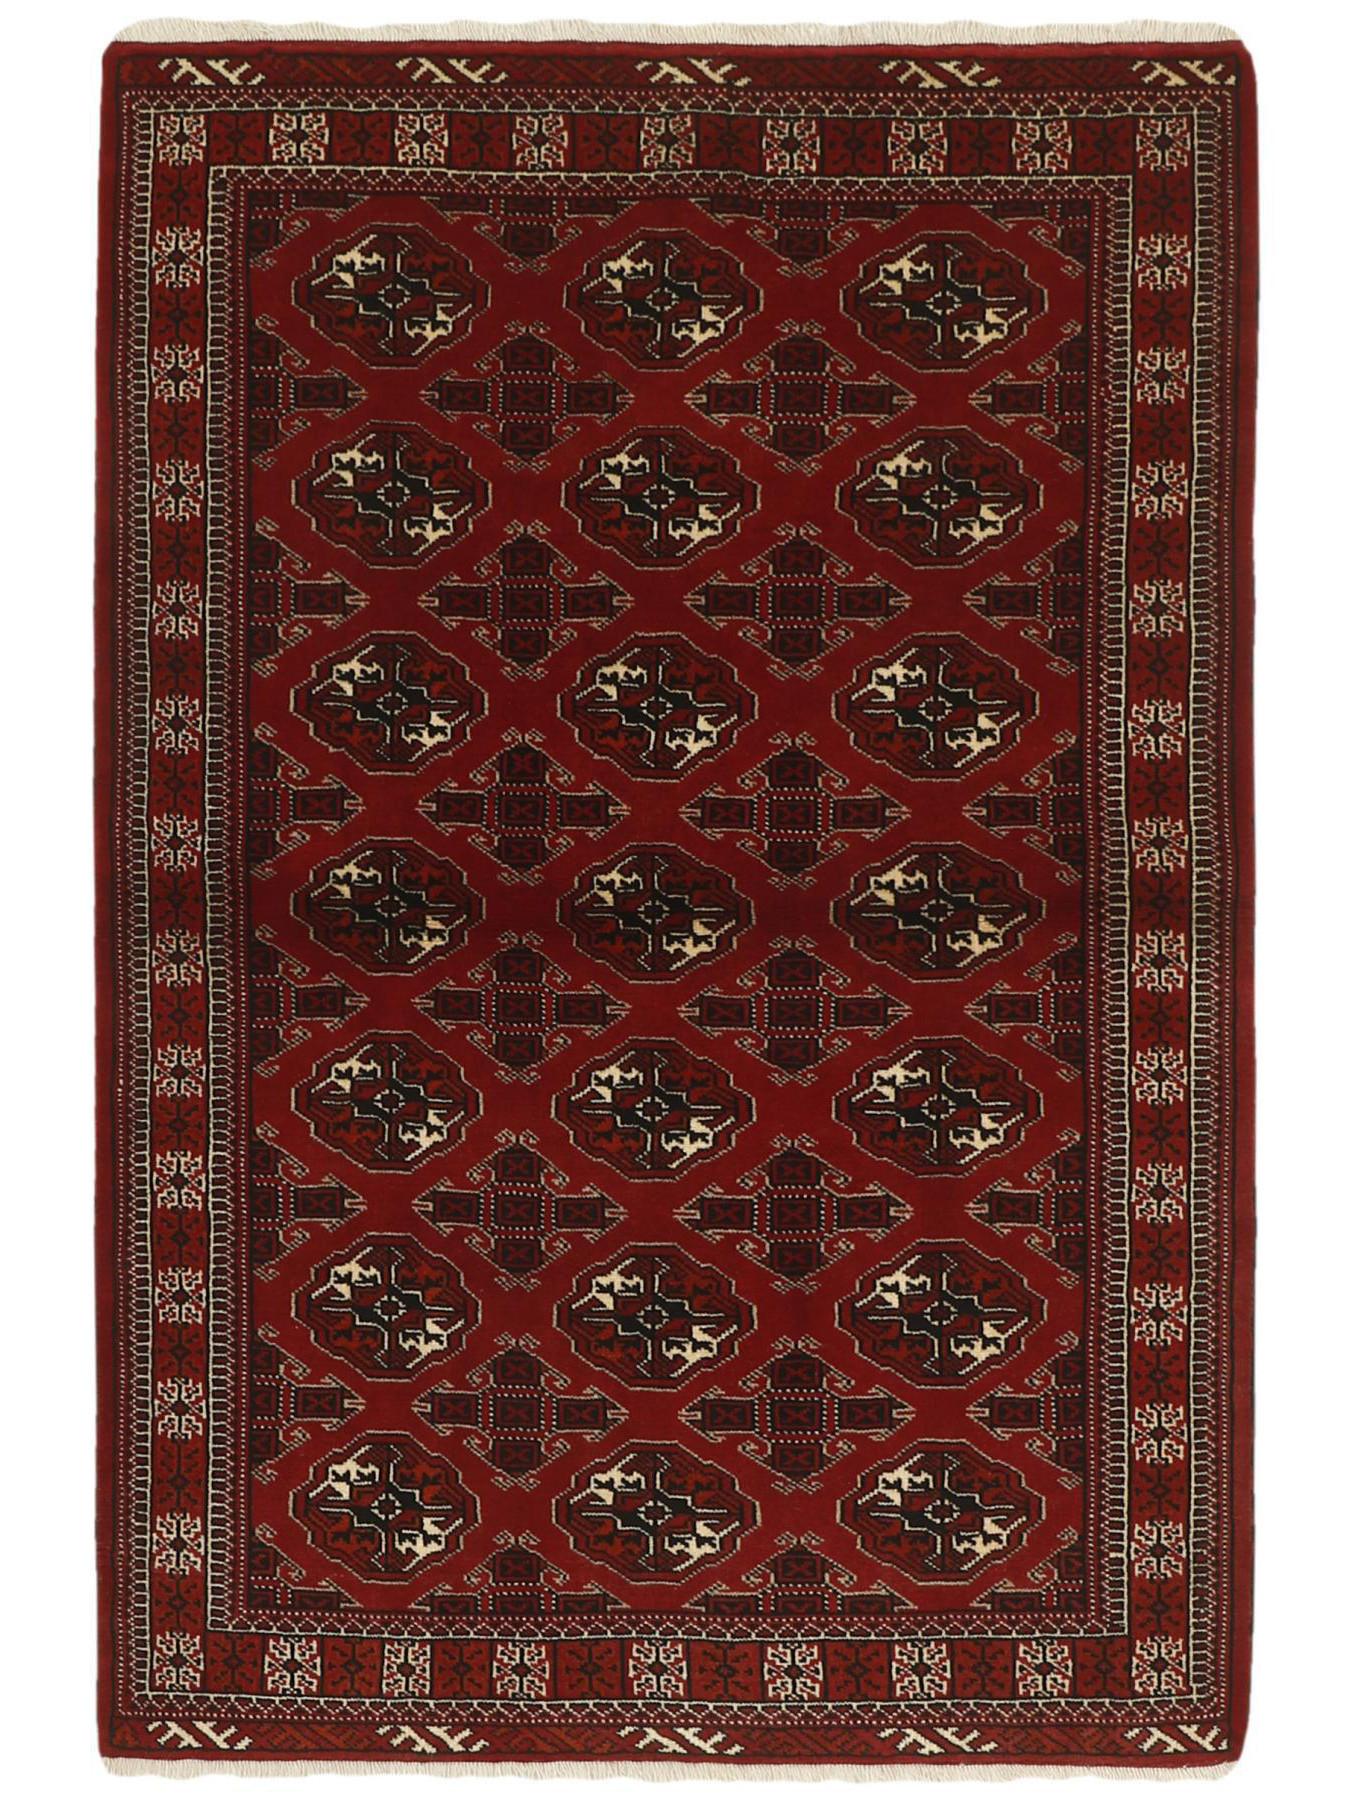 Tapis persans - Turkmène